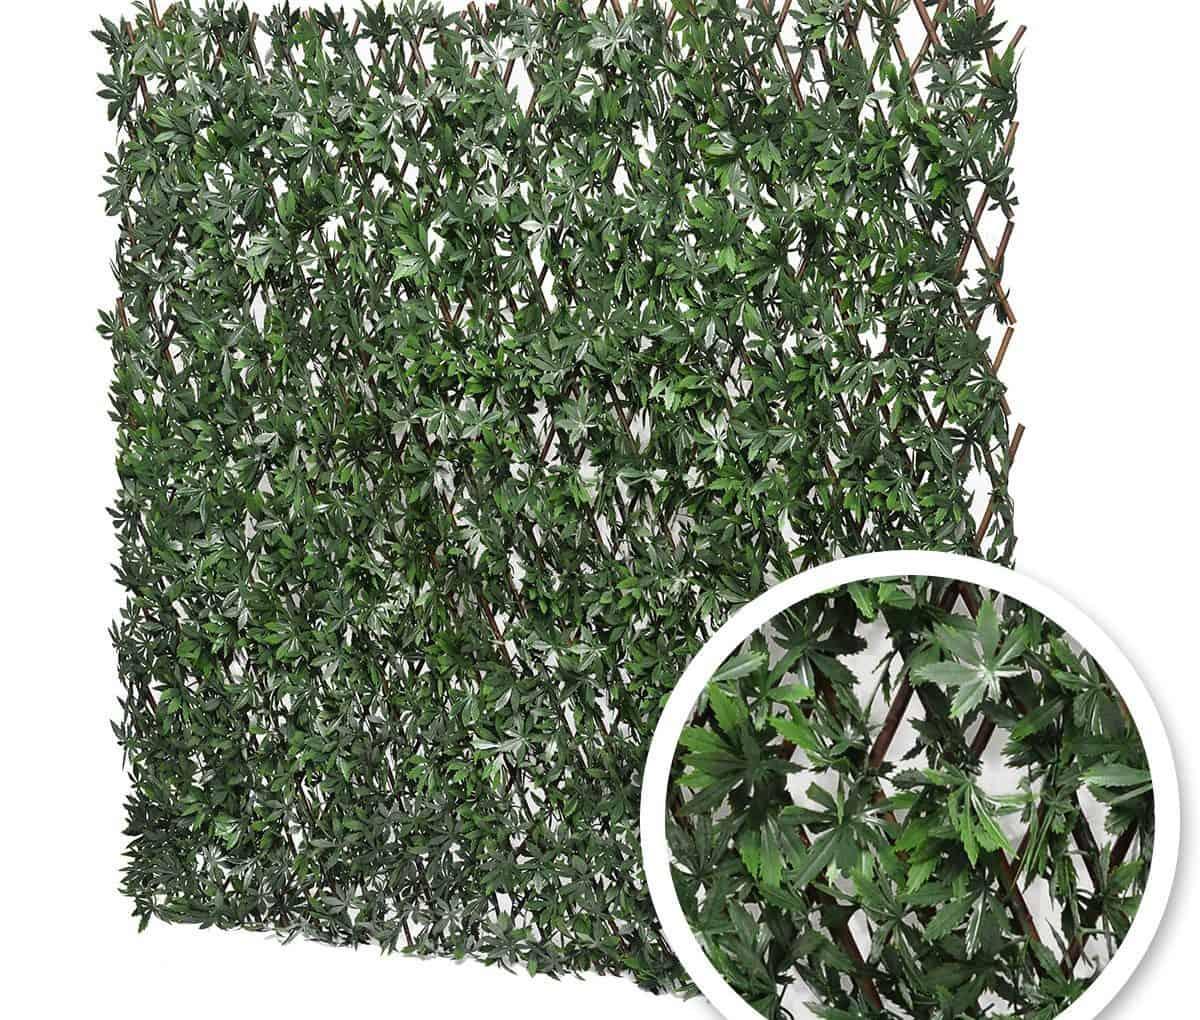 Treillis extensible feuilles de vigne vierge